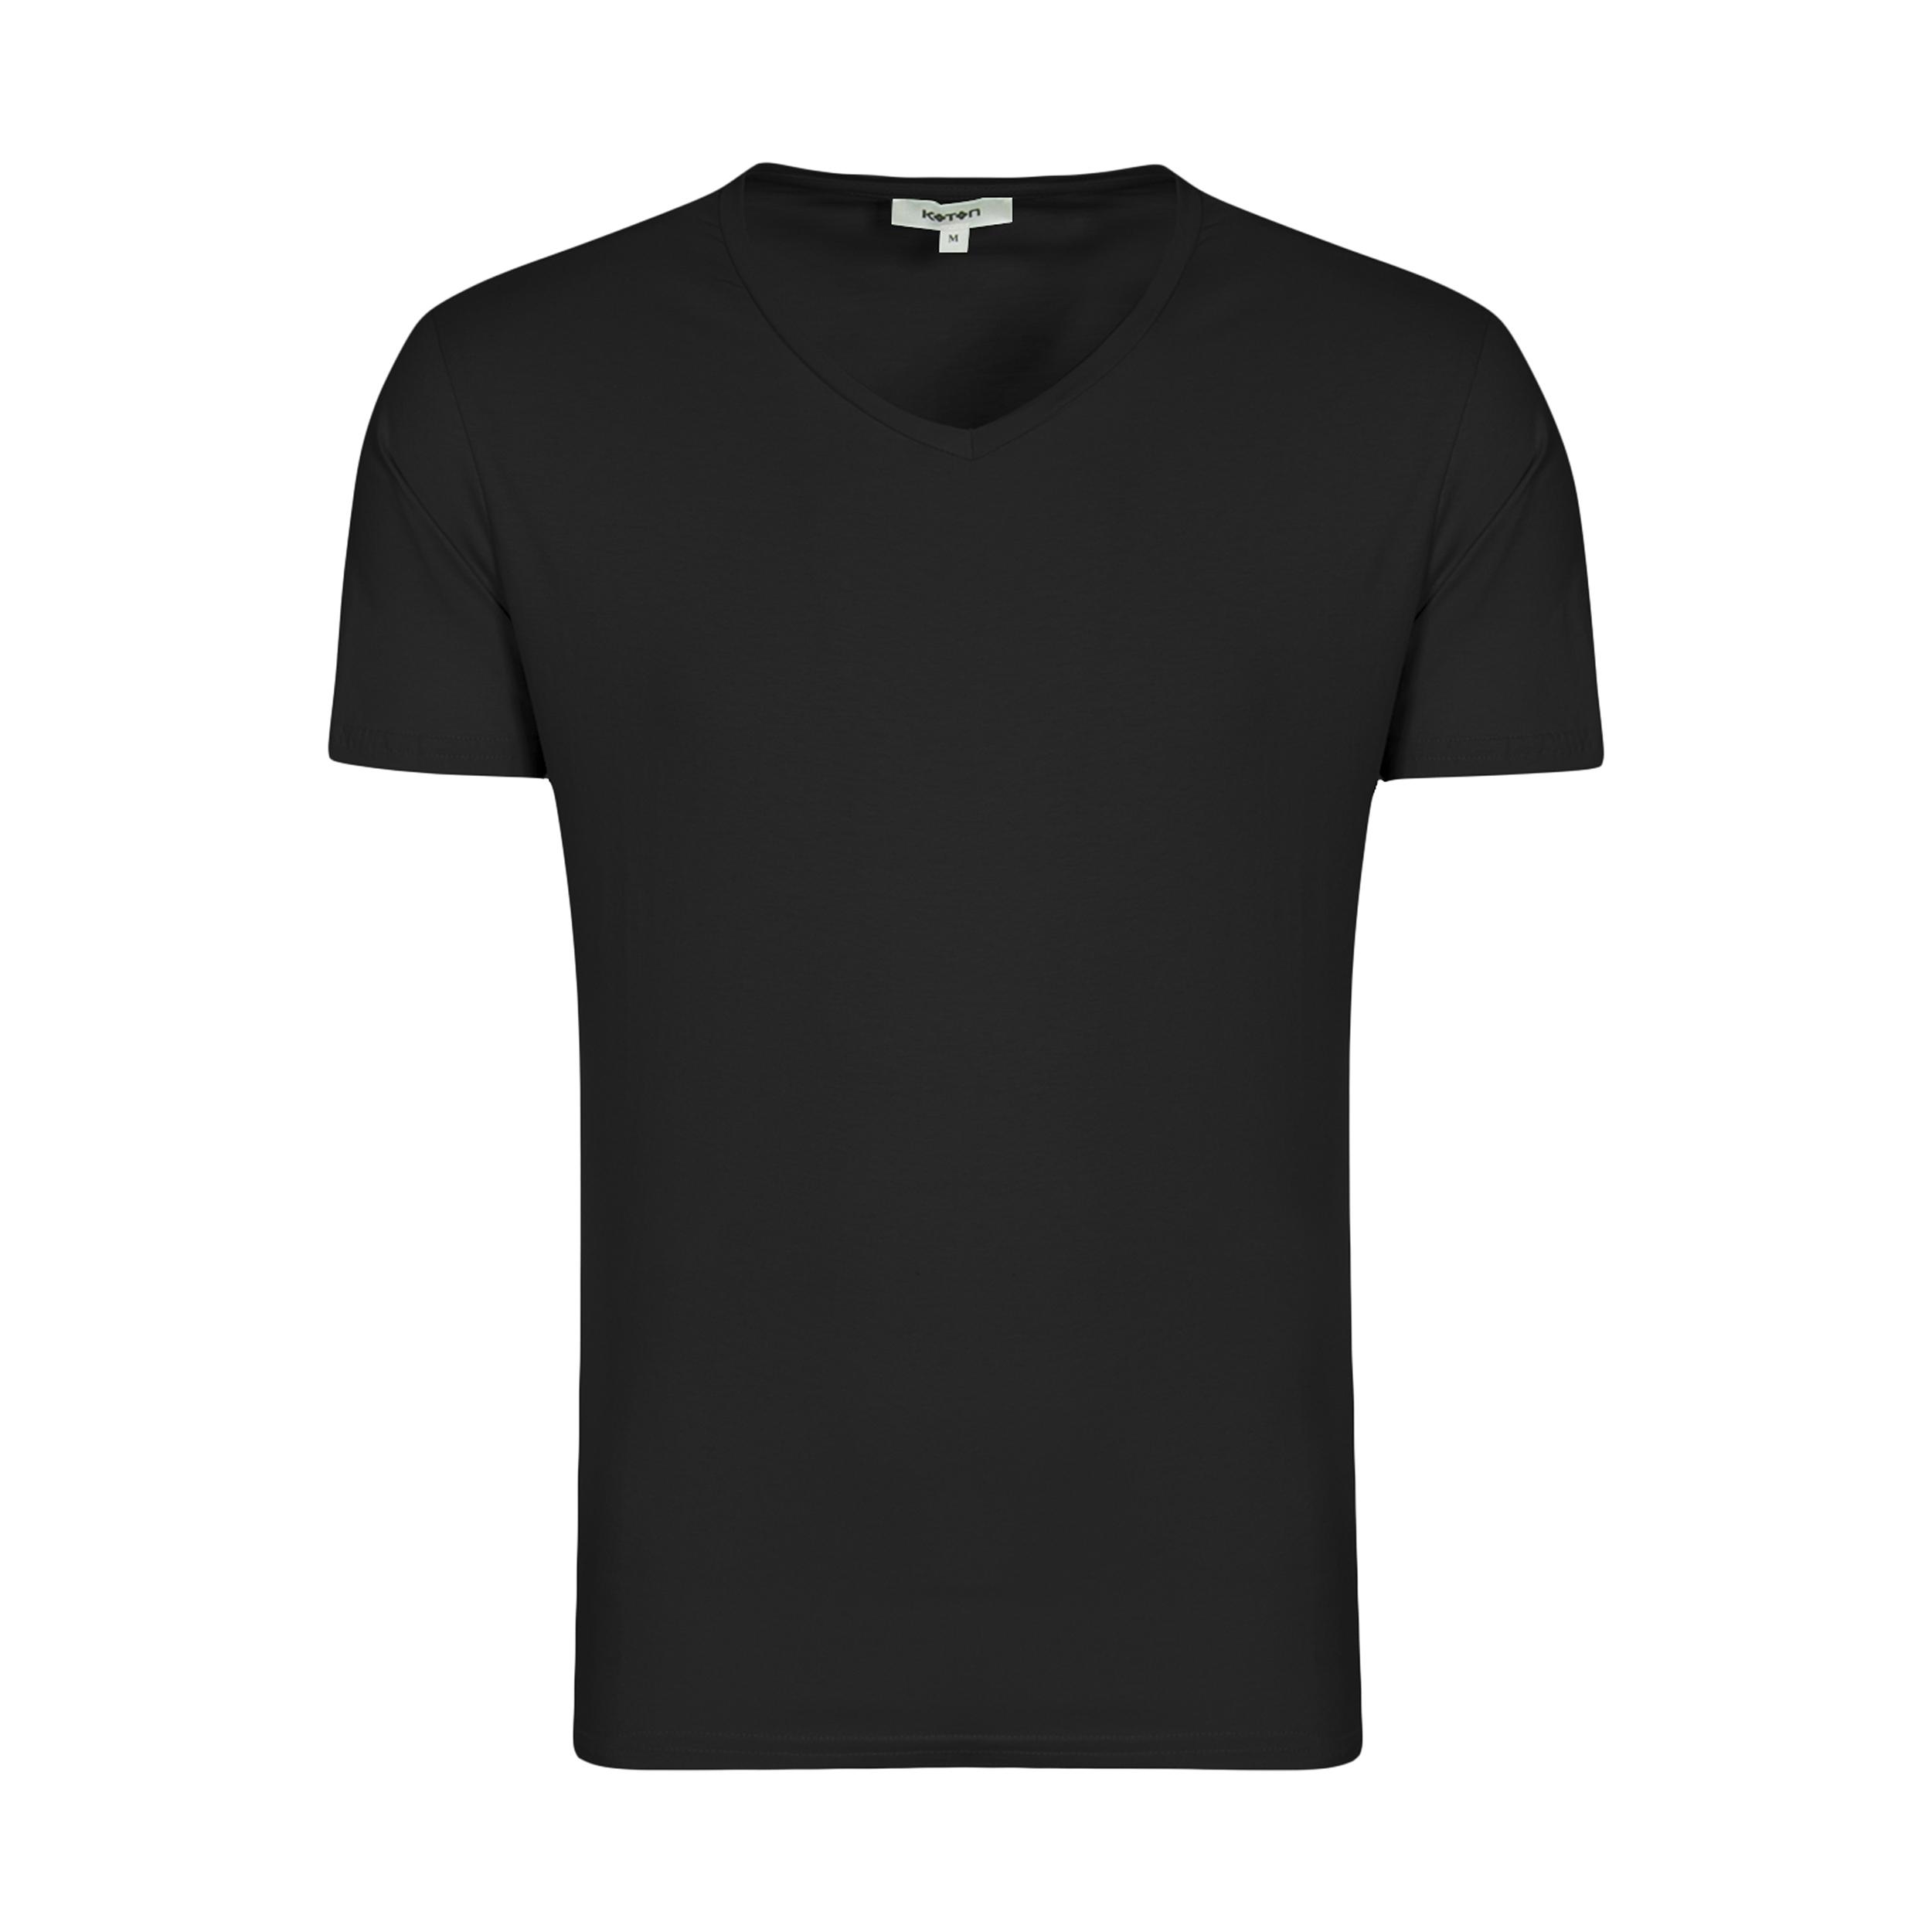 تیشرت آستین کوتاه مردانه کوتون مدل 0YAM12138LK رنگ مشکی